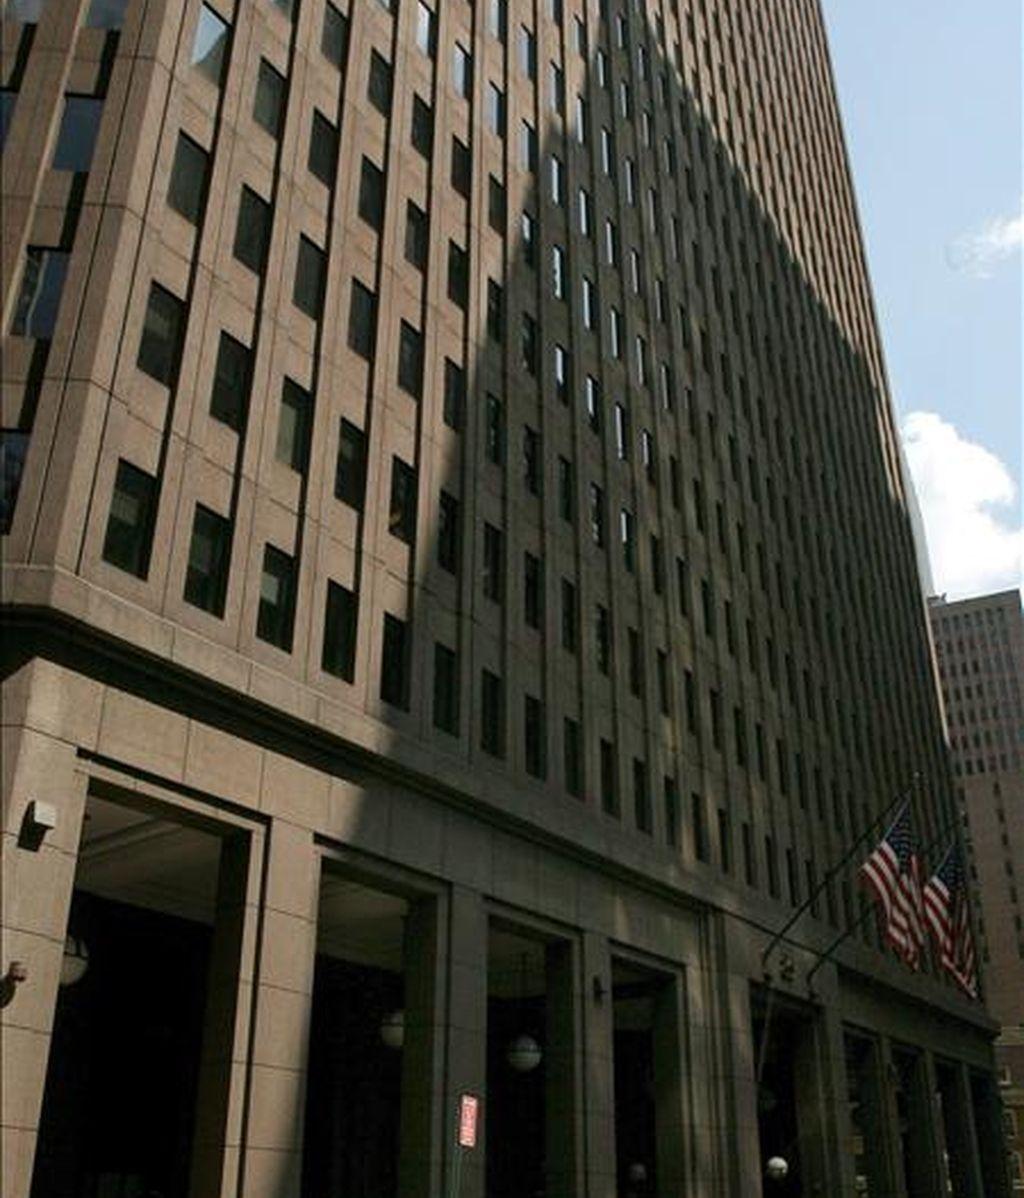 Imagen de archivo de las oficinas centrales de la firma inversora Goldman Sachs en Nueva York. EFE/Archivo